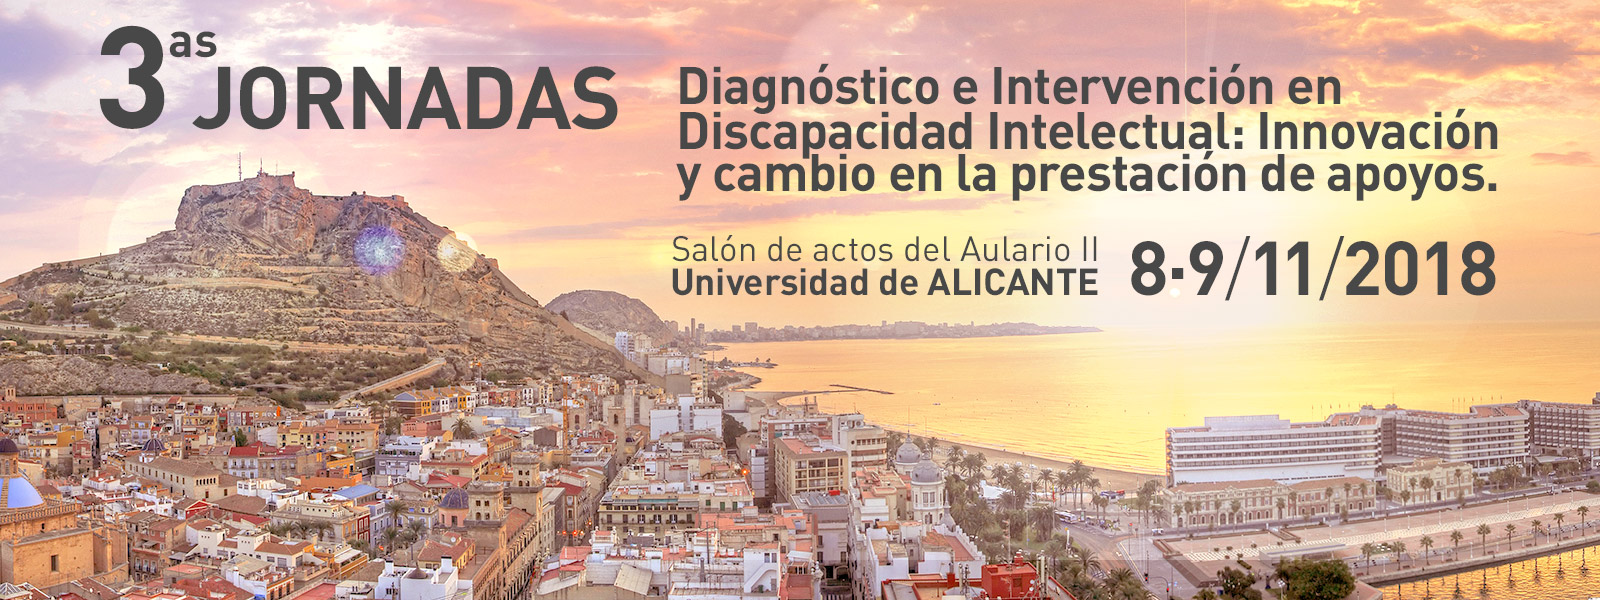 3as jornadas sobre Diagnóstico e Intervención en Discapacidad Intelectual: Innovación y cambio en la prestación de apoyos.